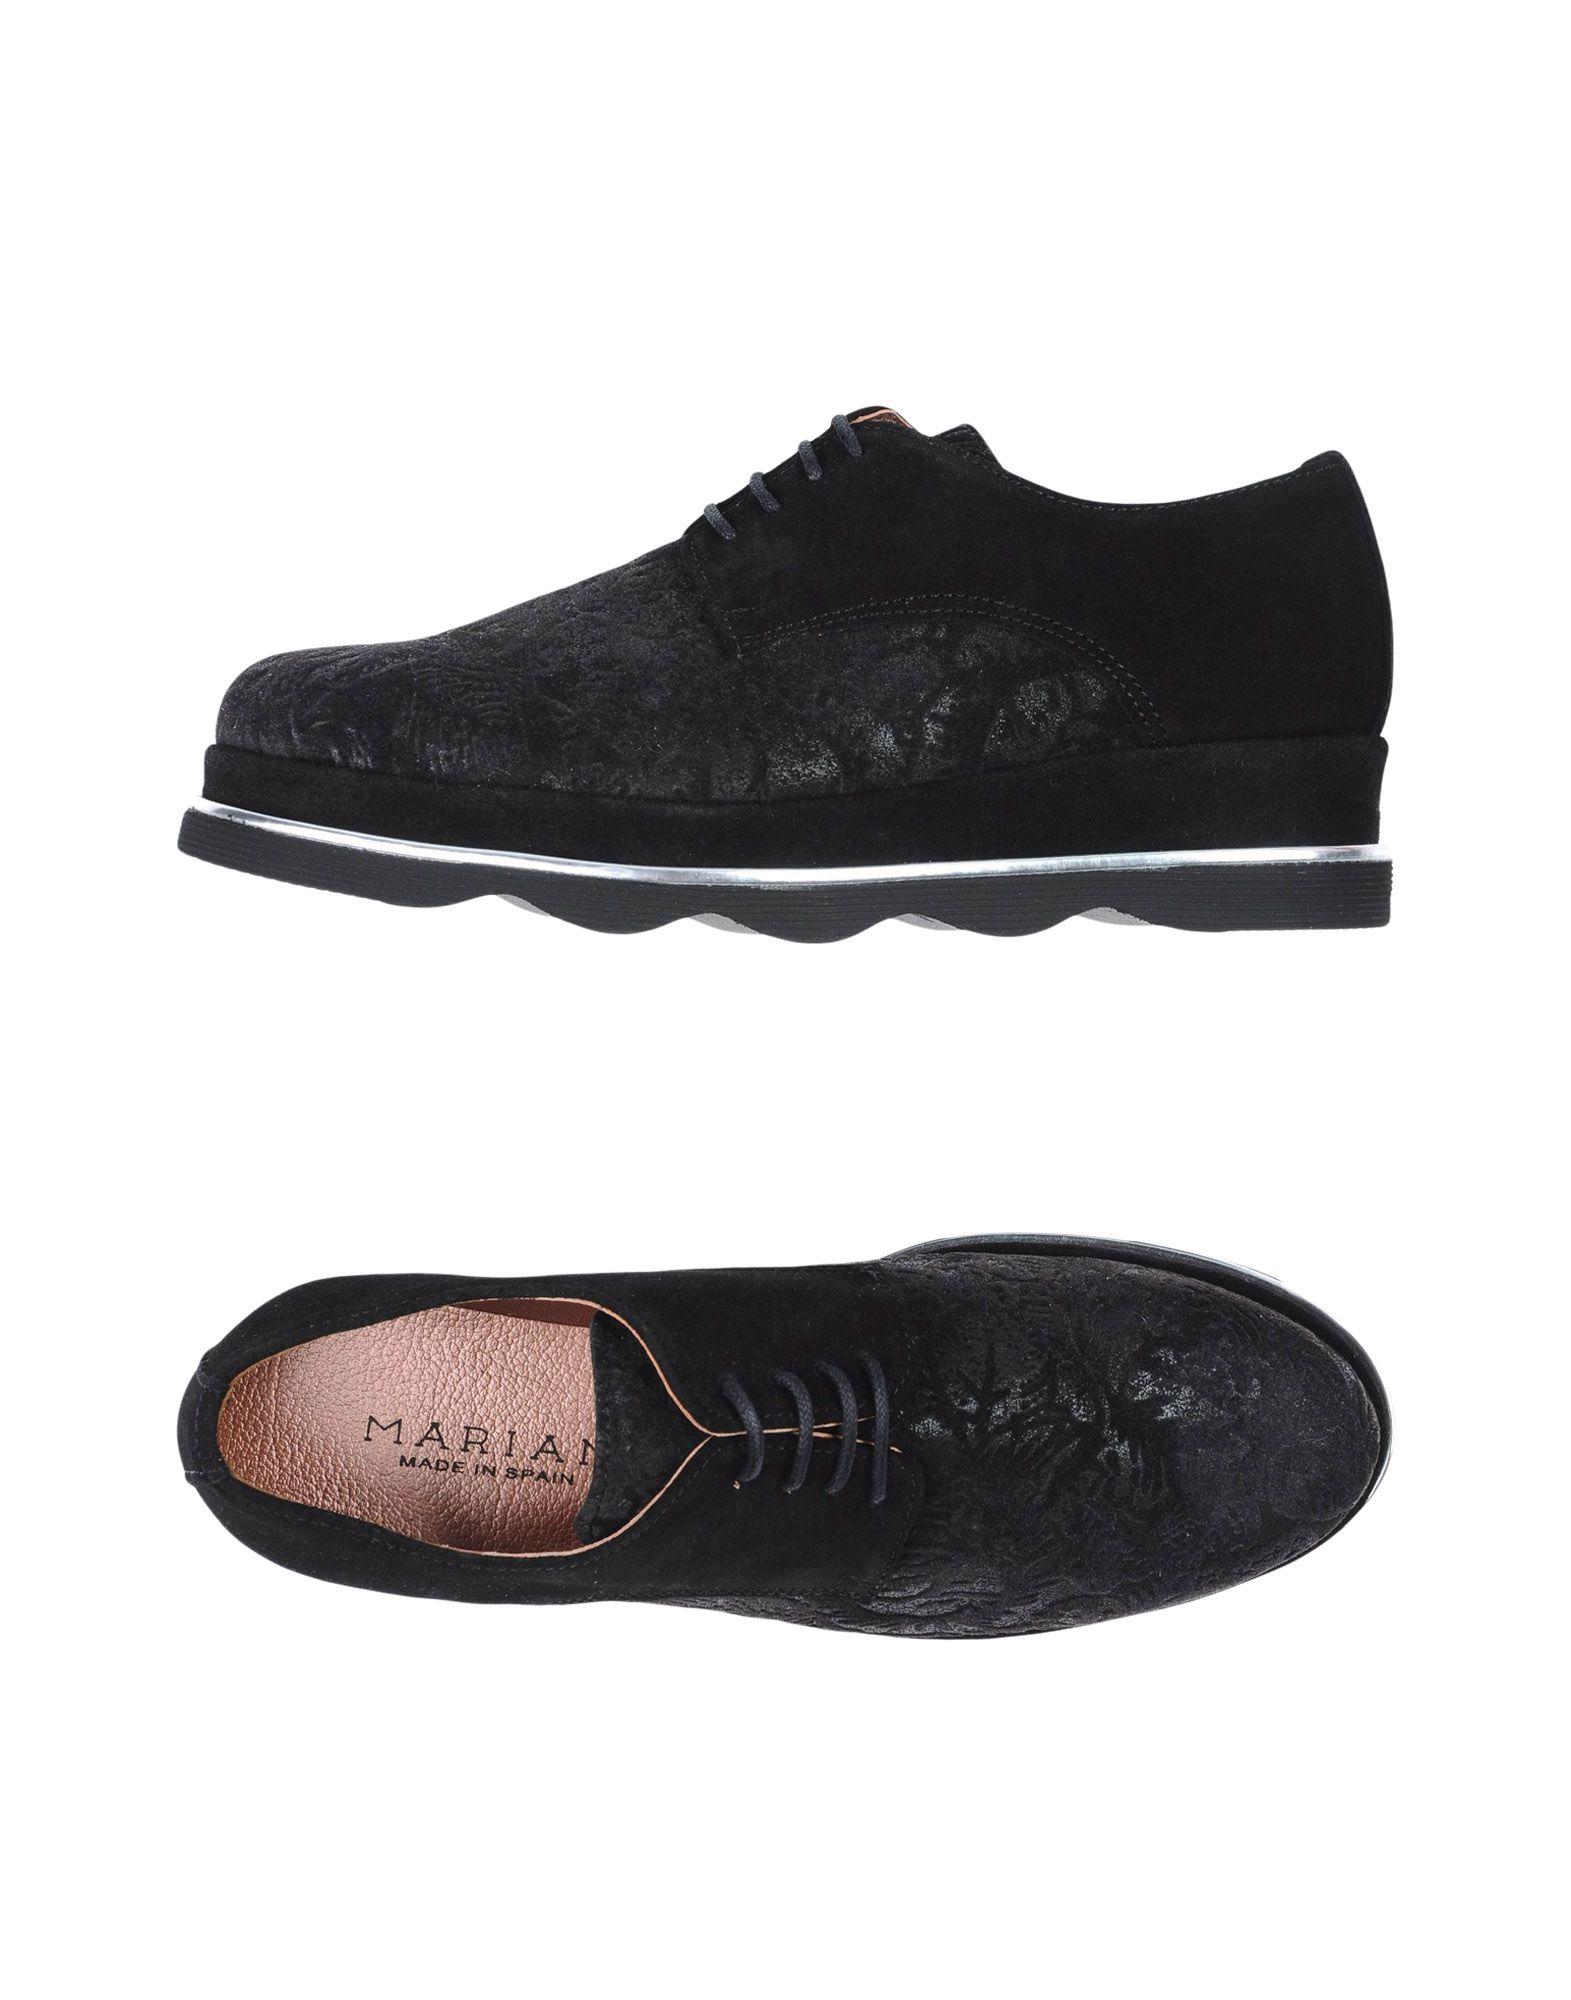 Marian Schnürschuhe Damen  11332591UL Gute Qualität beliebte Schuhe